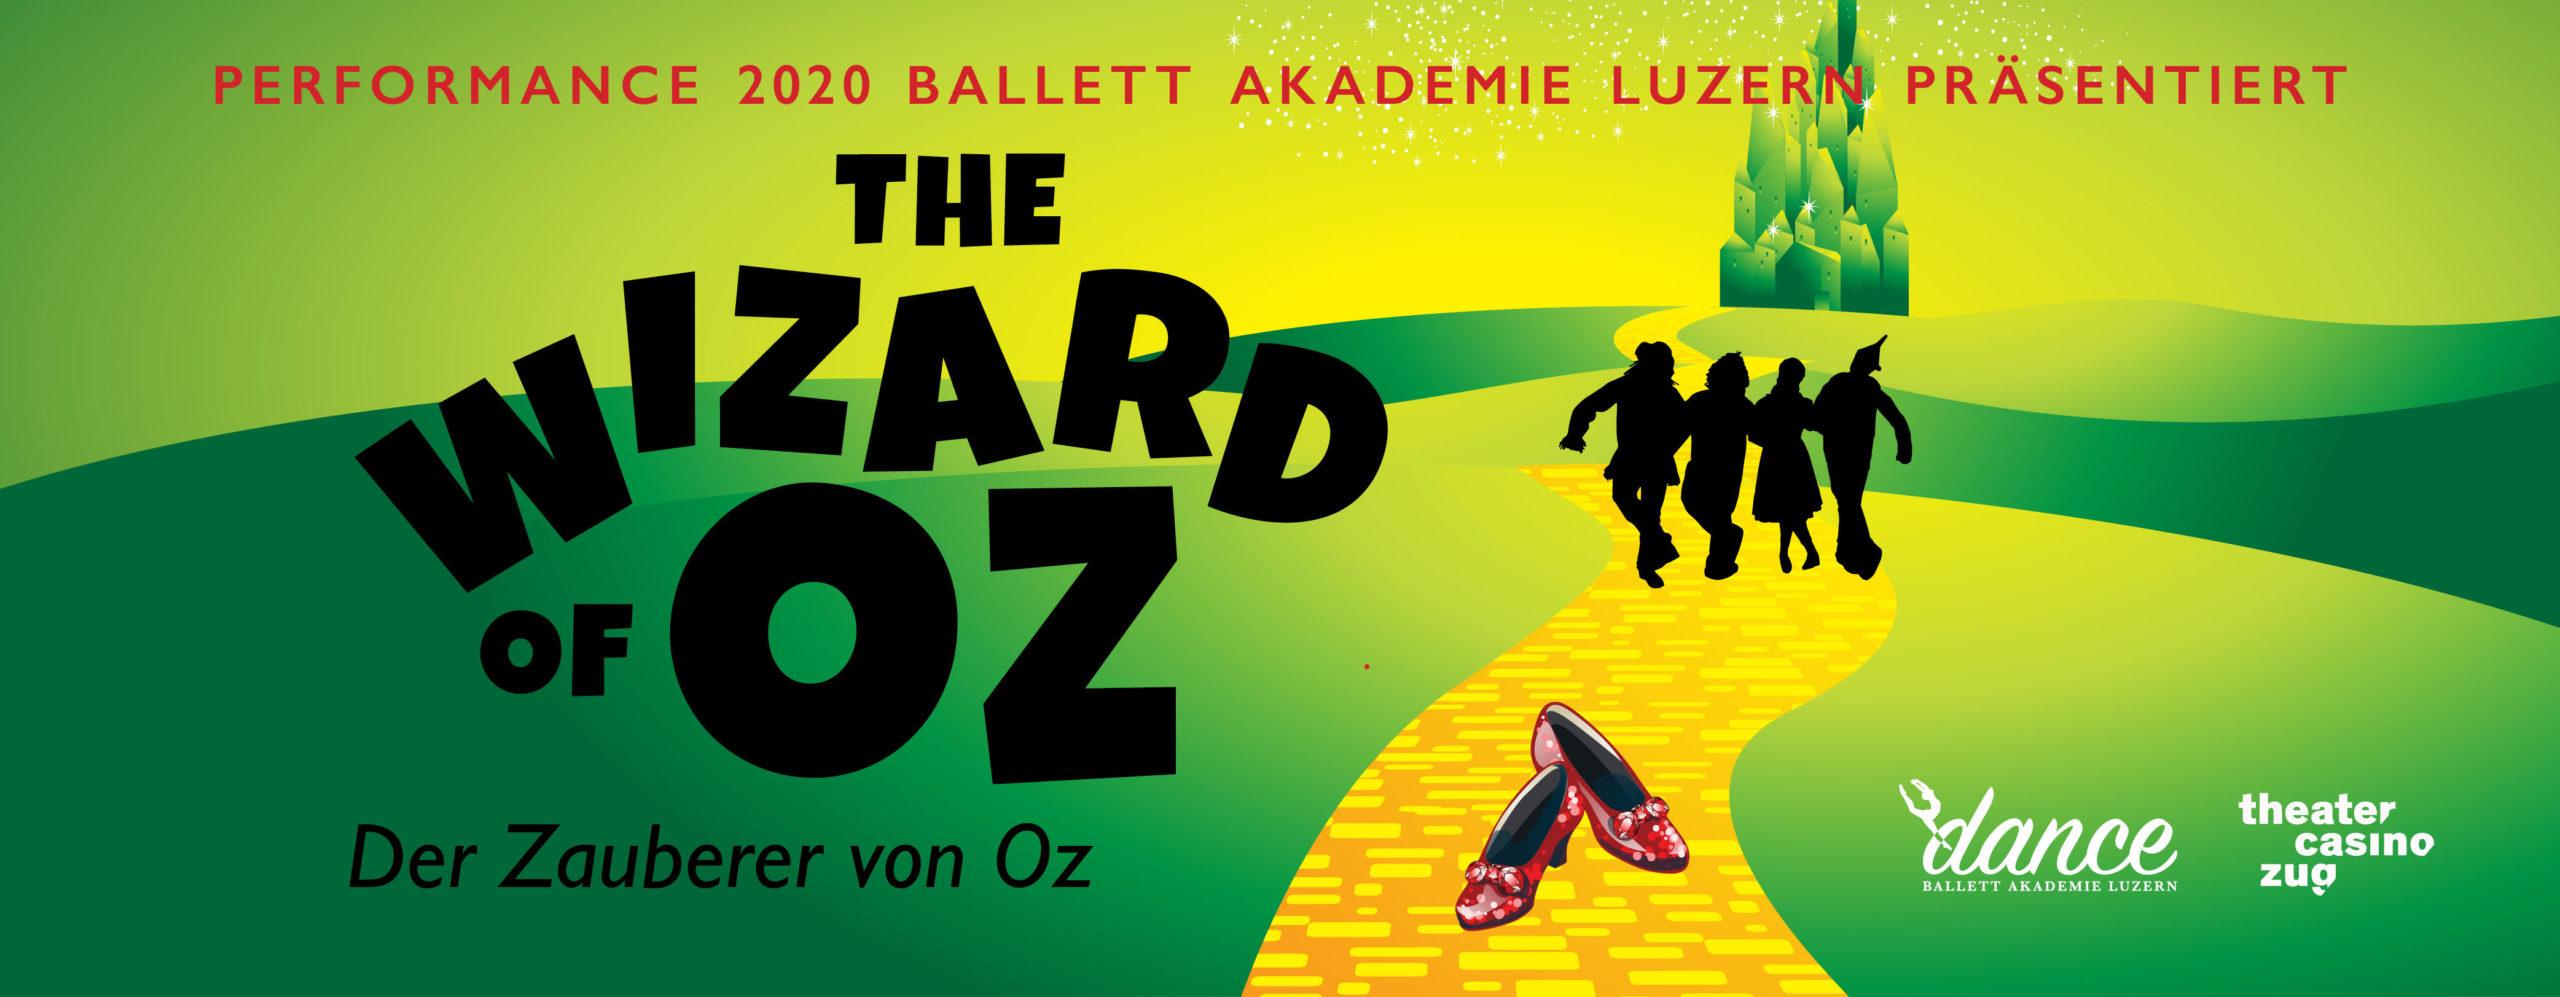 Performance Aufführung Ballett Akademie Luzern 2020